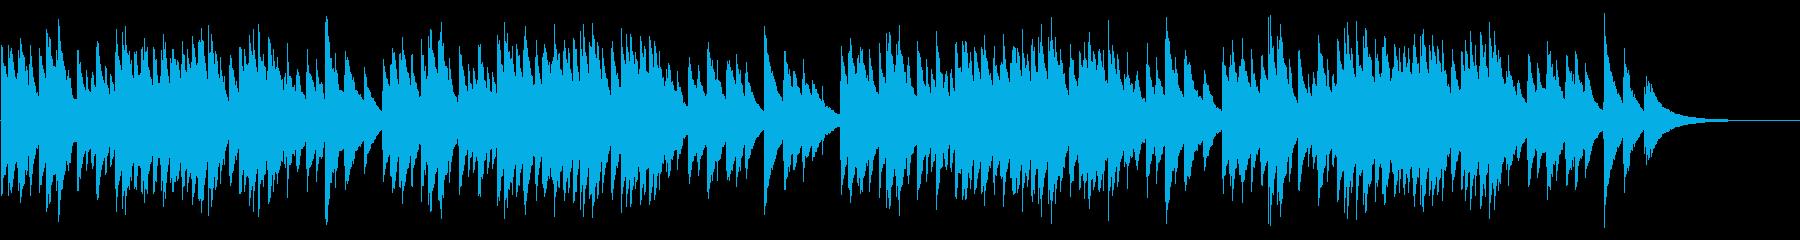 雪 72弁オルゴールの再生済みの波形